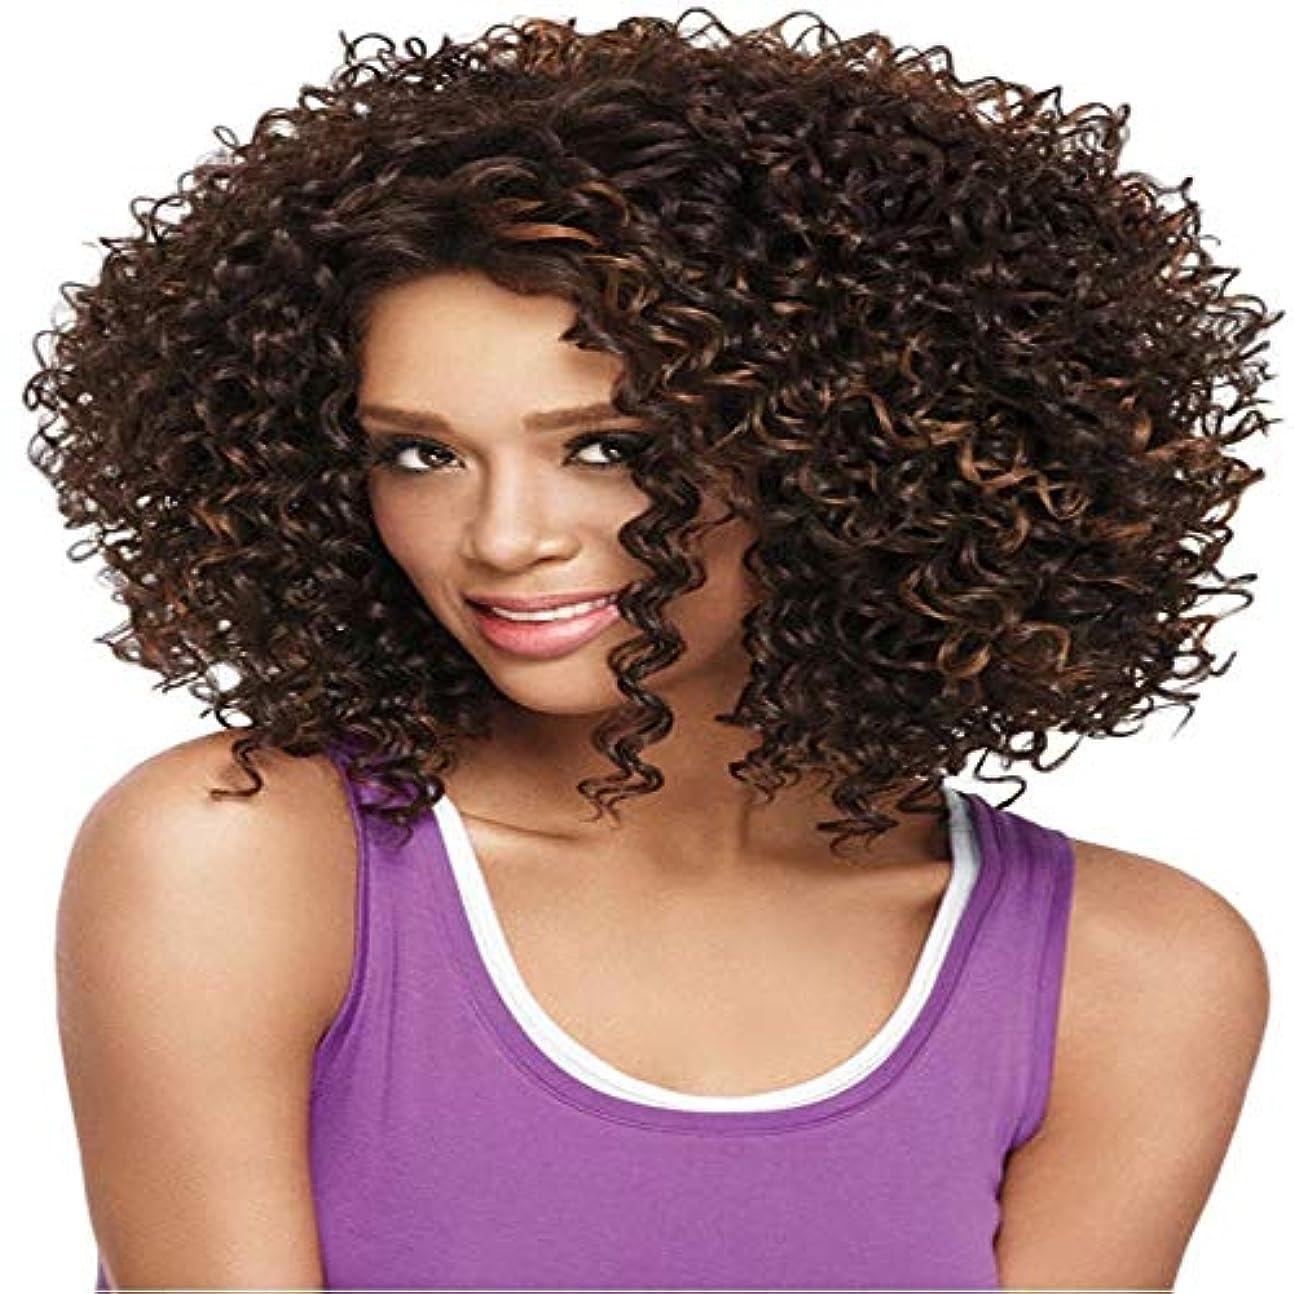 銀行バーベキューフレキシブルアフロカーリーウィッグ耐熱完全な頭部の髪の交換コスチュームパーティーコスプレ用ブラック通気性ウィッグ用ウィッグ合成繊維レースフロントウィッグ人毛ウィッグ (Color : Dark Brown)